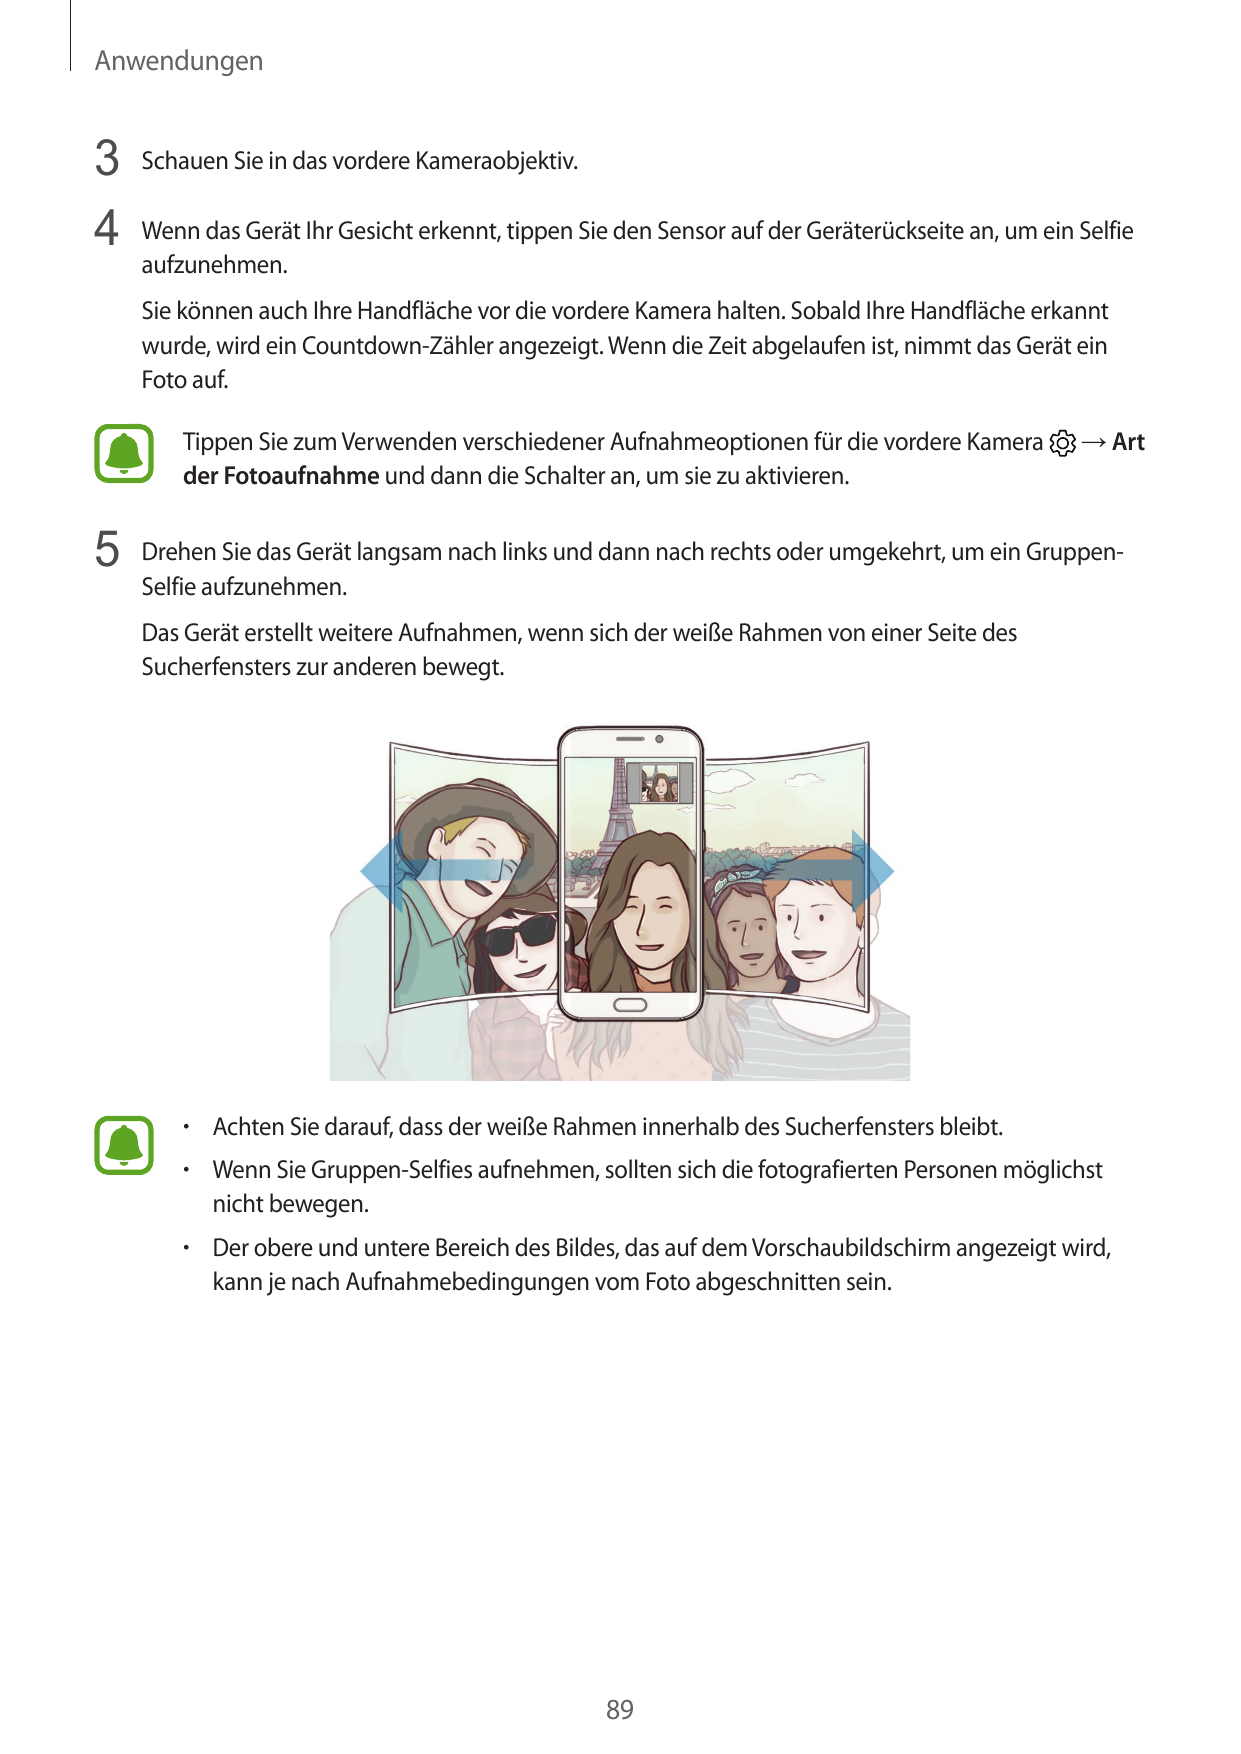 Bedienungsanleitung - Samsung Galaxy S6 - Android 7.0 - mobilcom ...